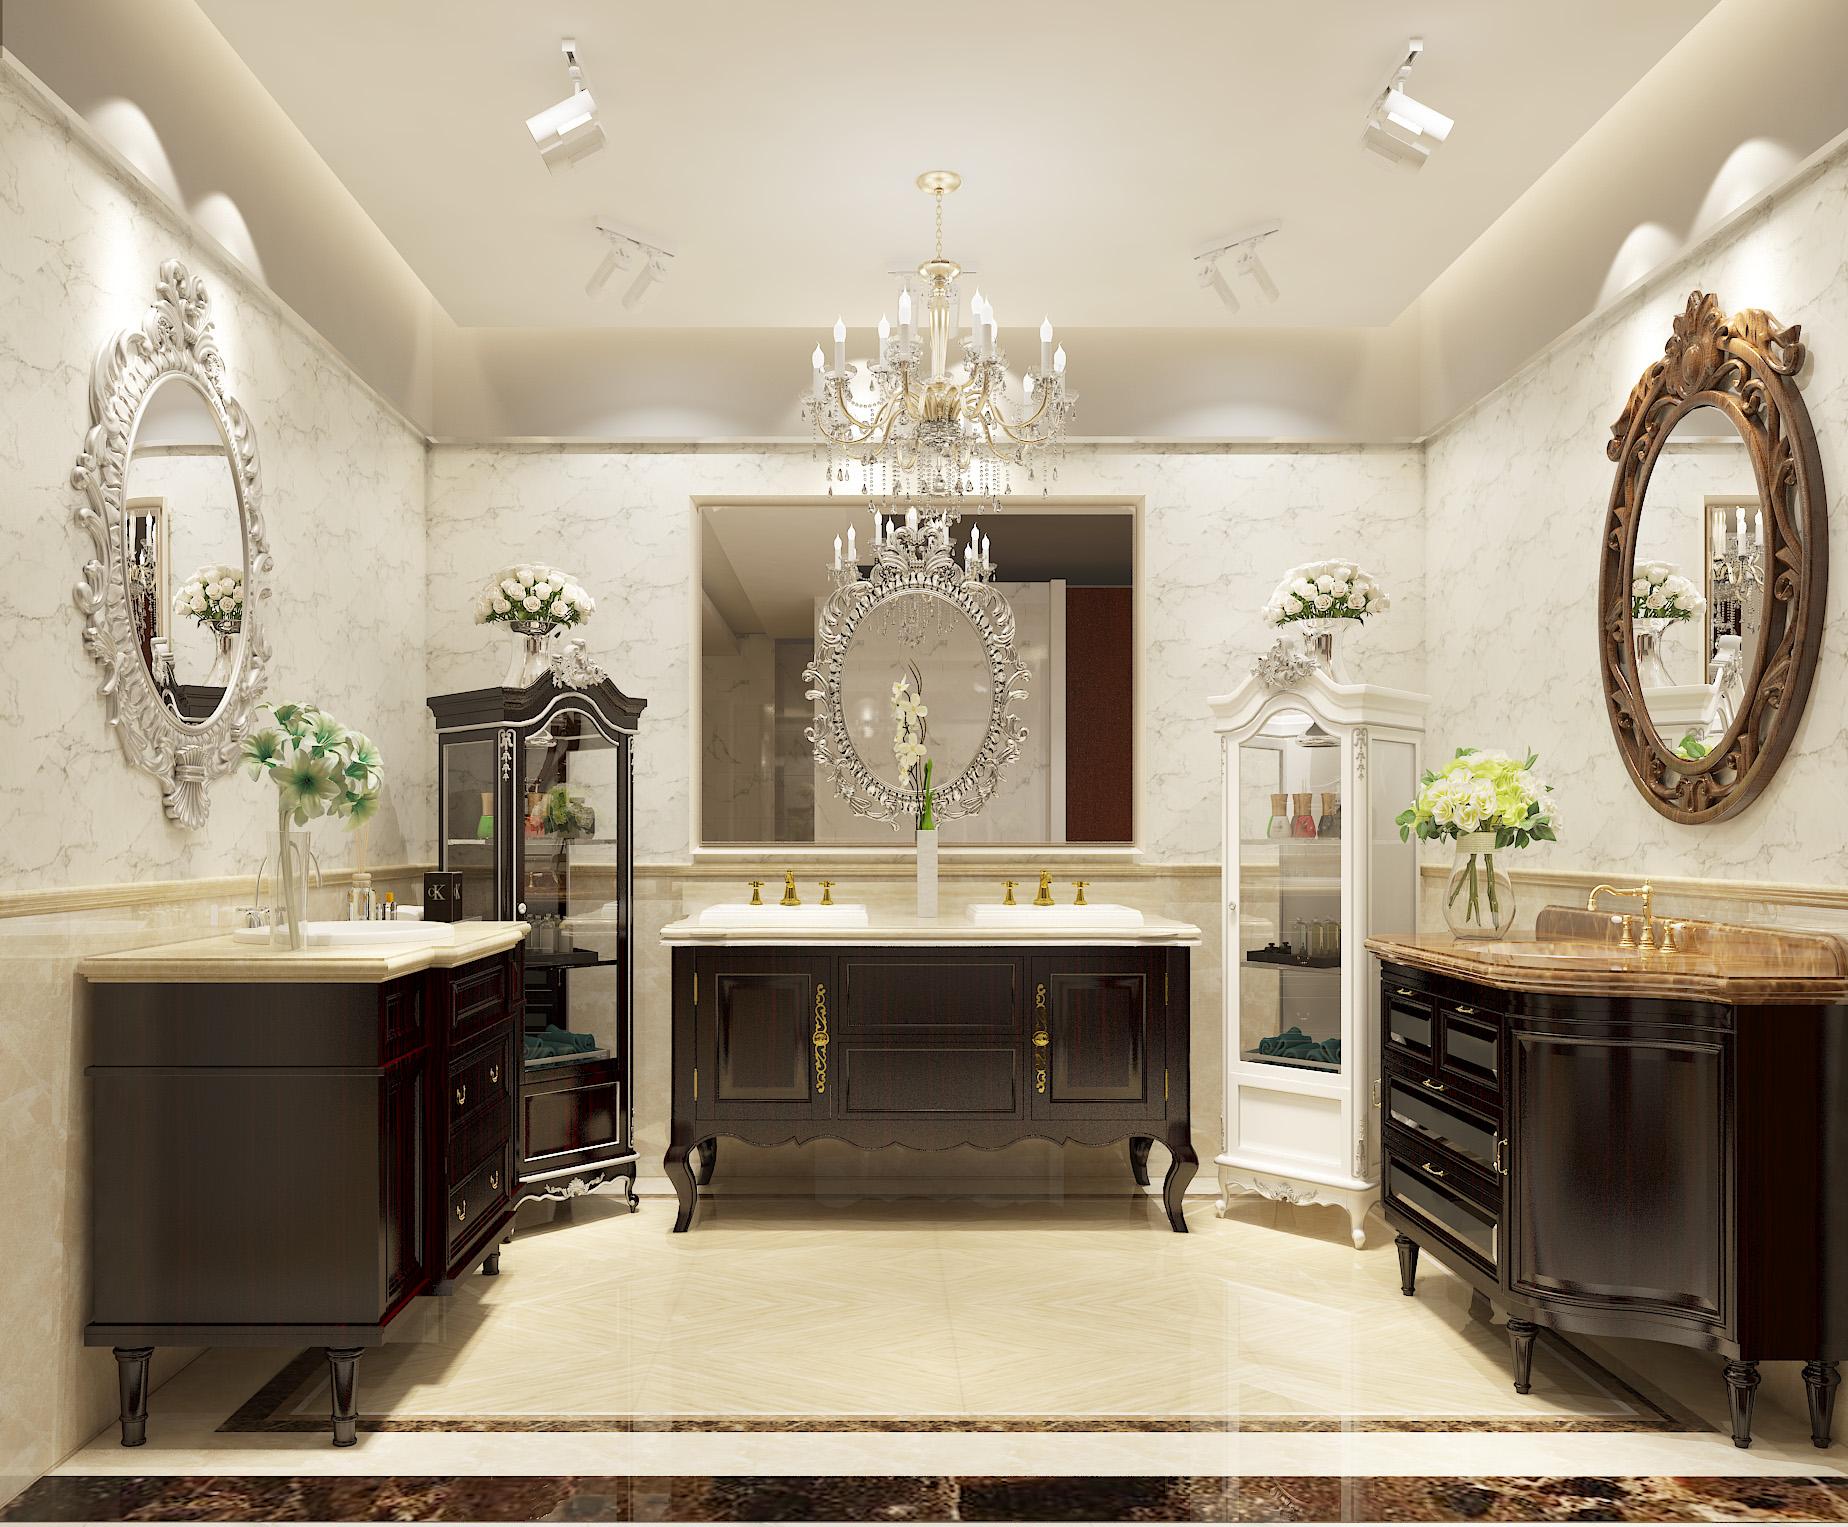 简约 混搭 白领 卫生间图片来自圣奇凯尚室内设计工作室在高端卫浴柜弗洛迪展厅设计的分享